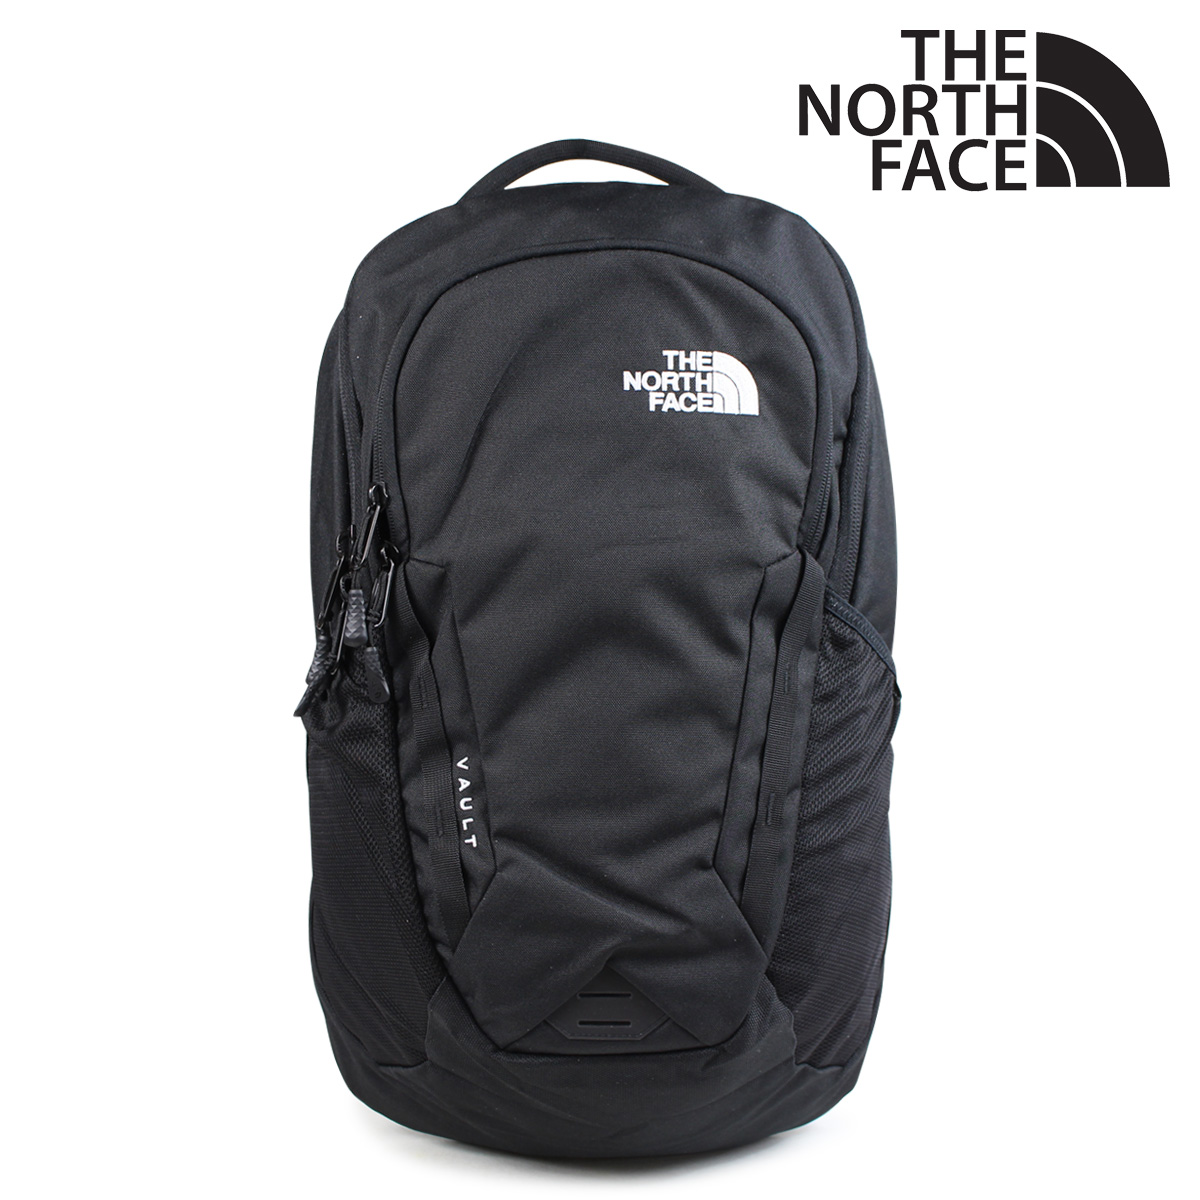 【最大2000円OFFクーポン】 ノースフェイス THE NORTH FACE リュック メンズ バックパック VAULT T93KV9JK3 ブラック [予約商品 4/10頃入荷予定 再入荷]